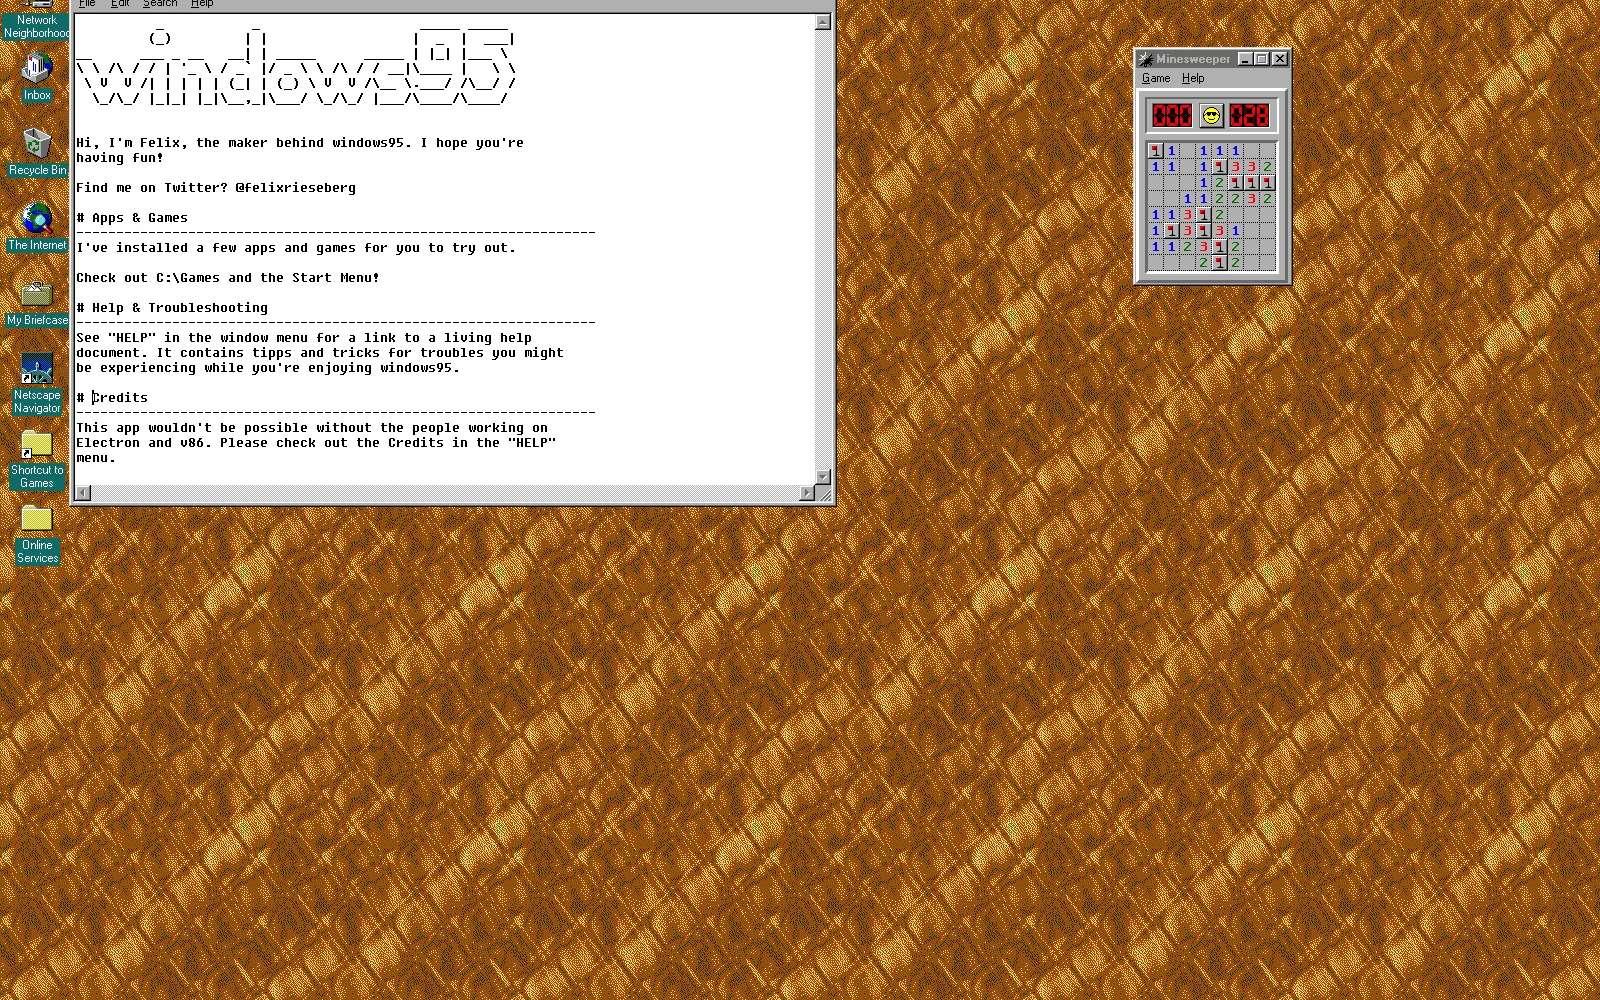 Windows 95 s'exécute dans une machine virtuelle. Il fonctionne comme un programme indépendant sans toucher à vos fichiers © Futura